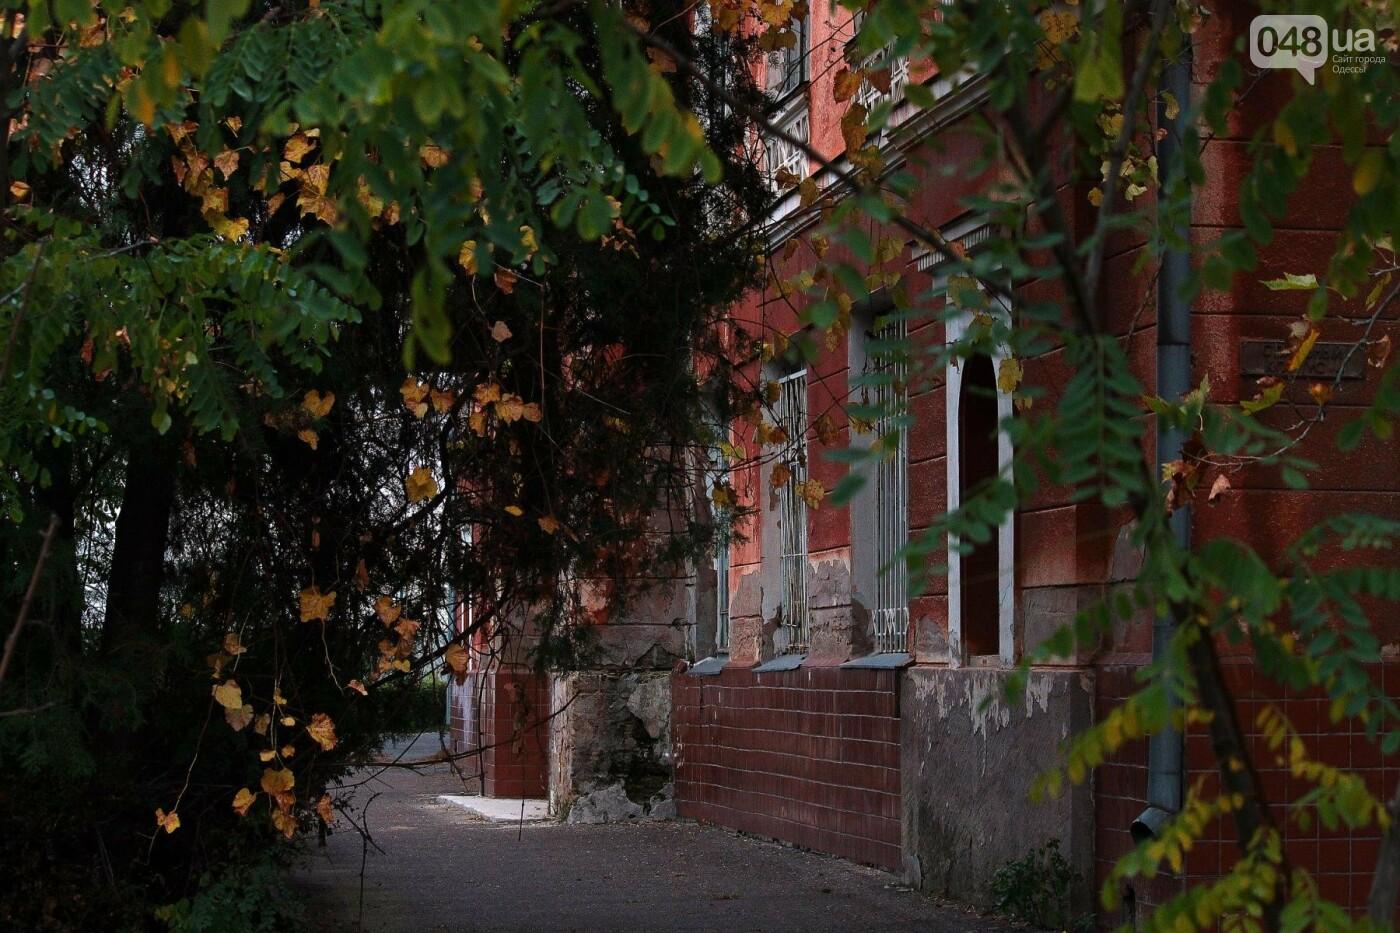 Одесса, которую мы теряем: санаторий им. Чкалова (ФОТОРЕПОРТАЖ), фото-10